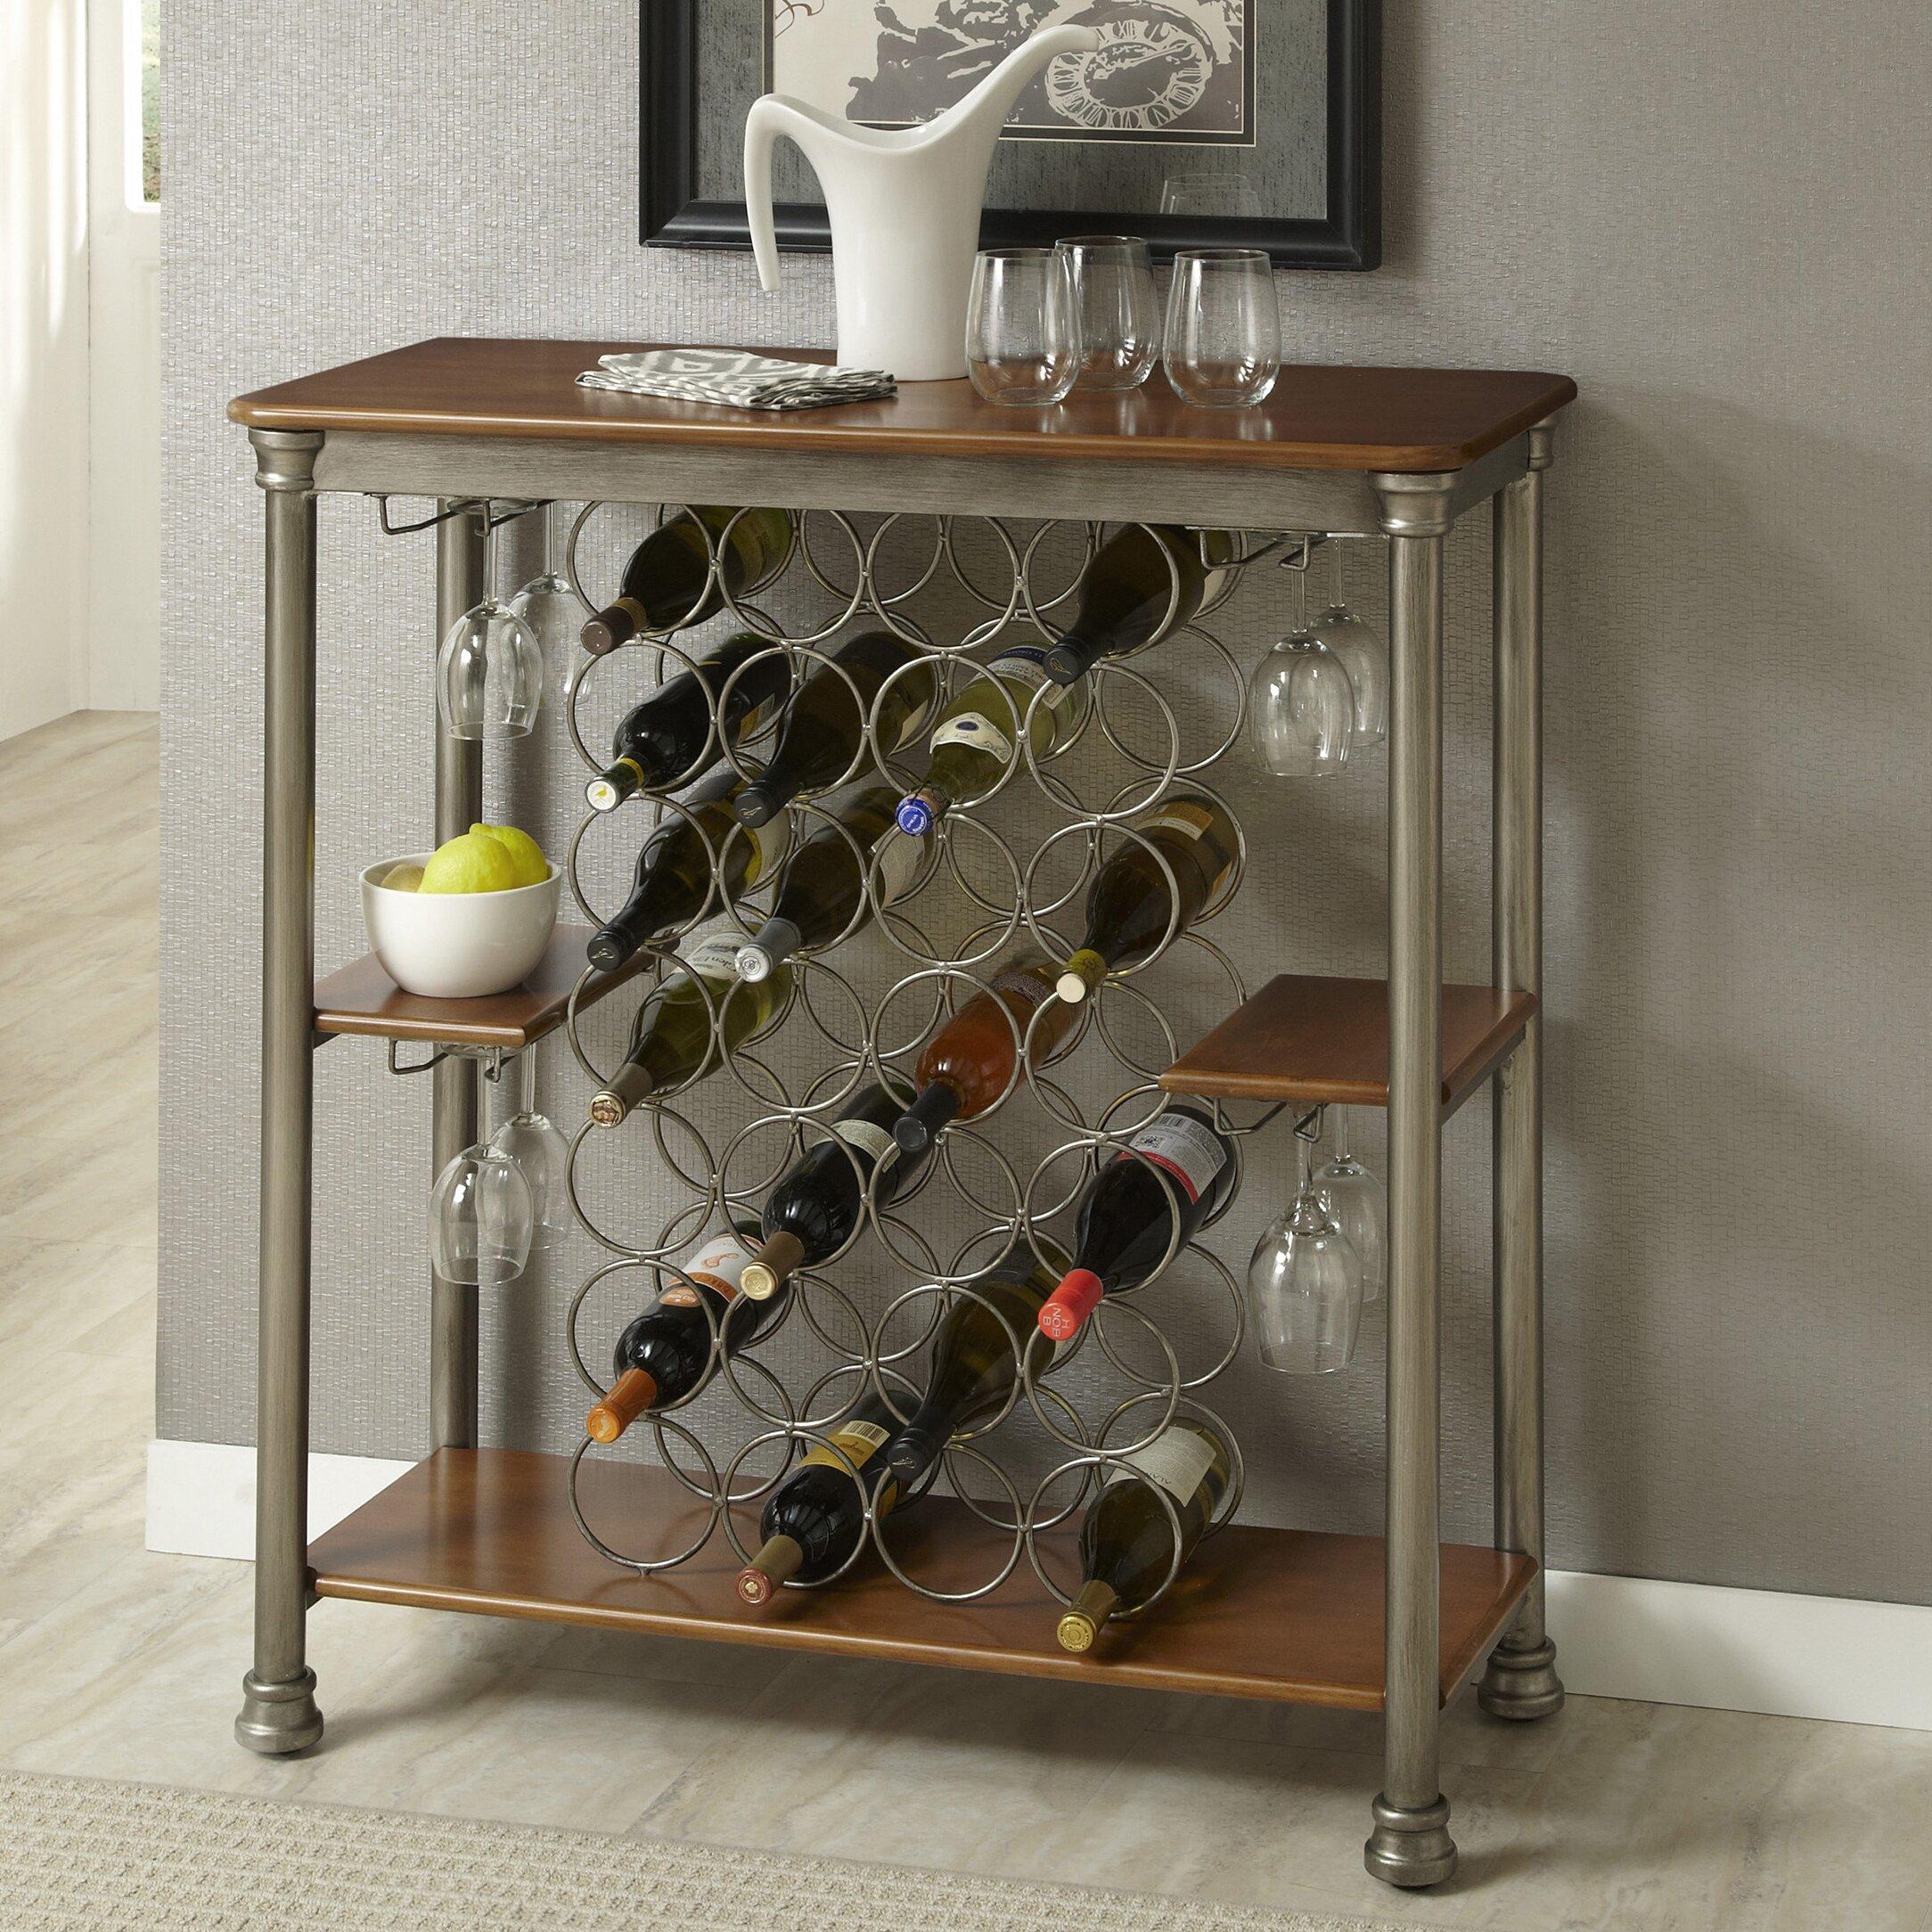 Home styles orleans bottle wine rack reviews wayfair